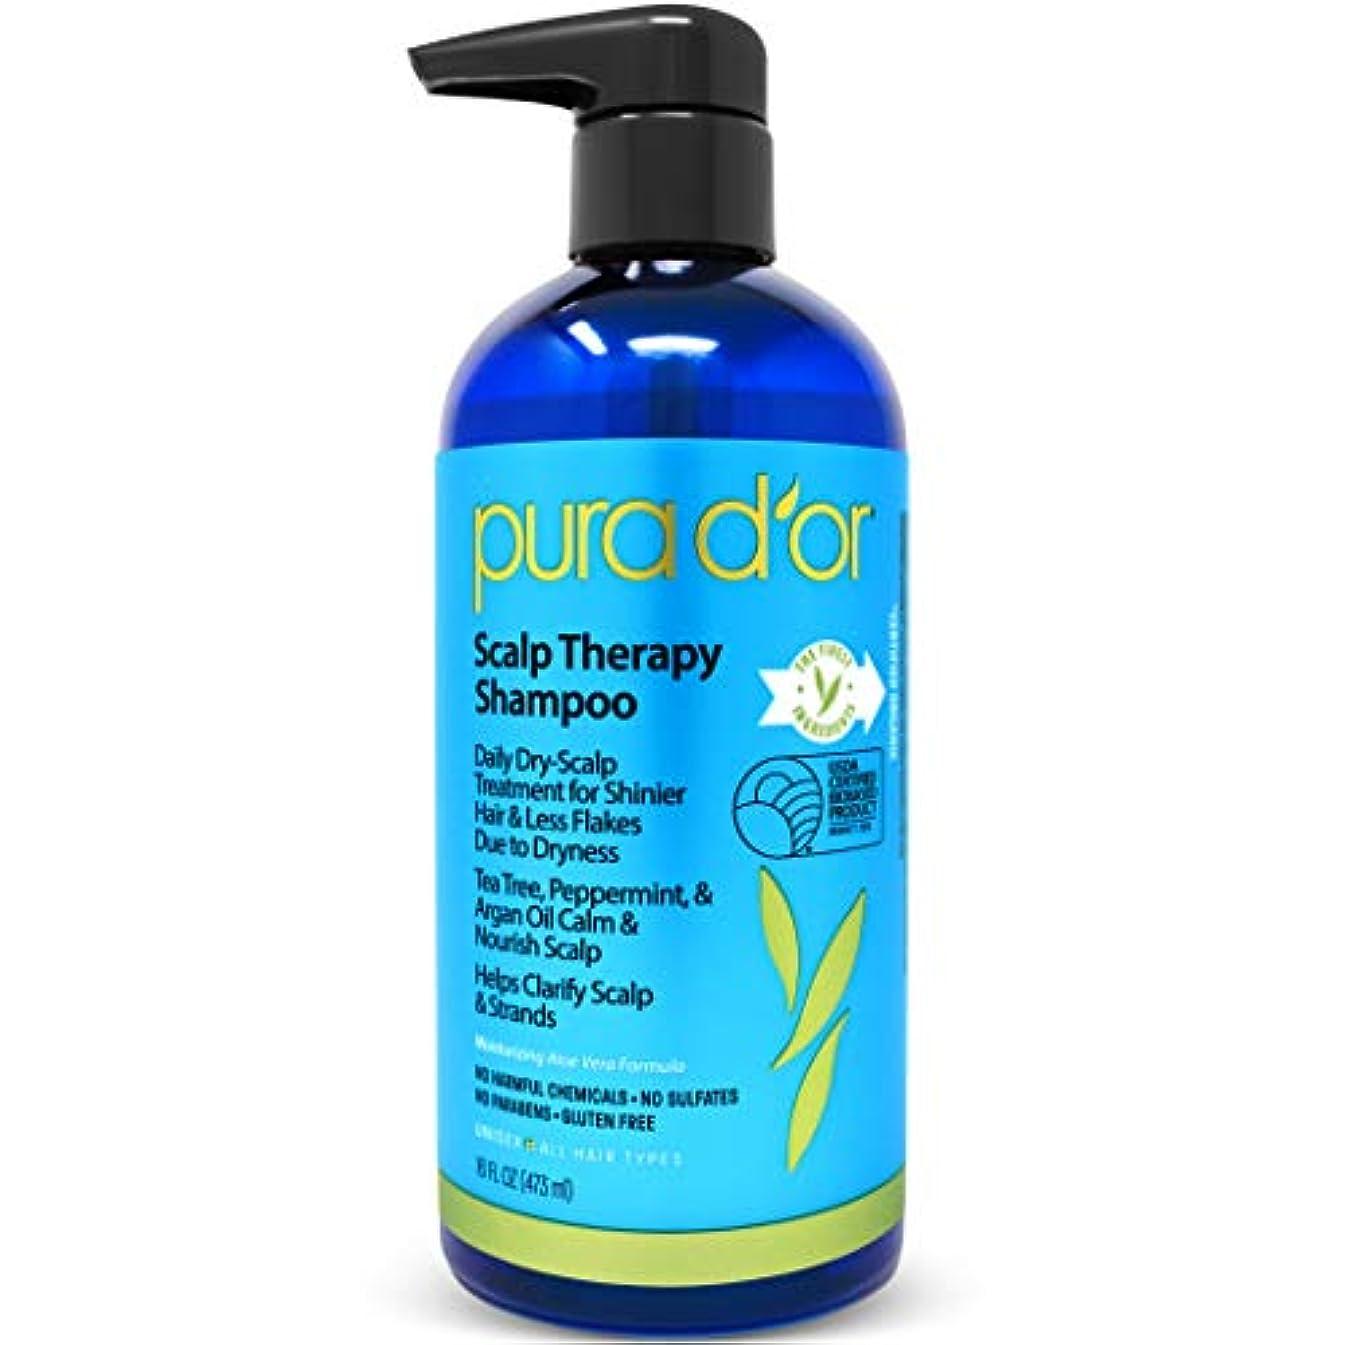 学ぶ擬人化知覚的Pura D'or Premium Organic Solution - Scalp Therapy Shampoo - 16 fl oz (473 ml) プラドール スカルプセラピー シャンプー